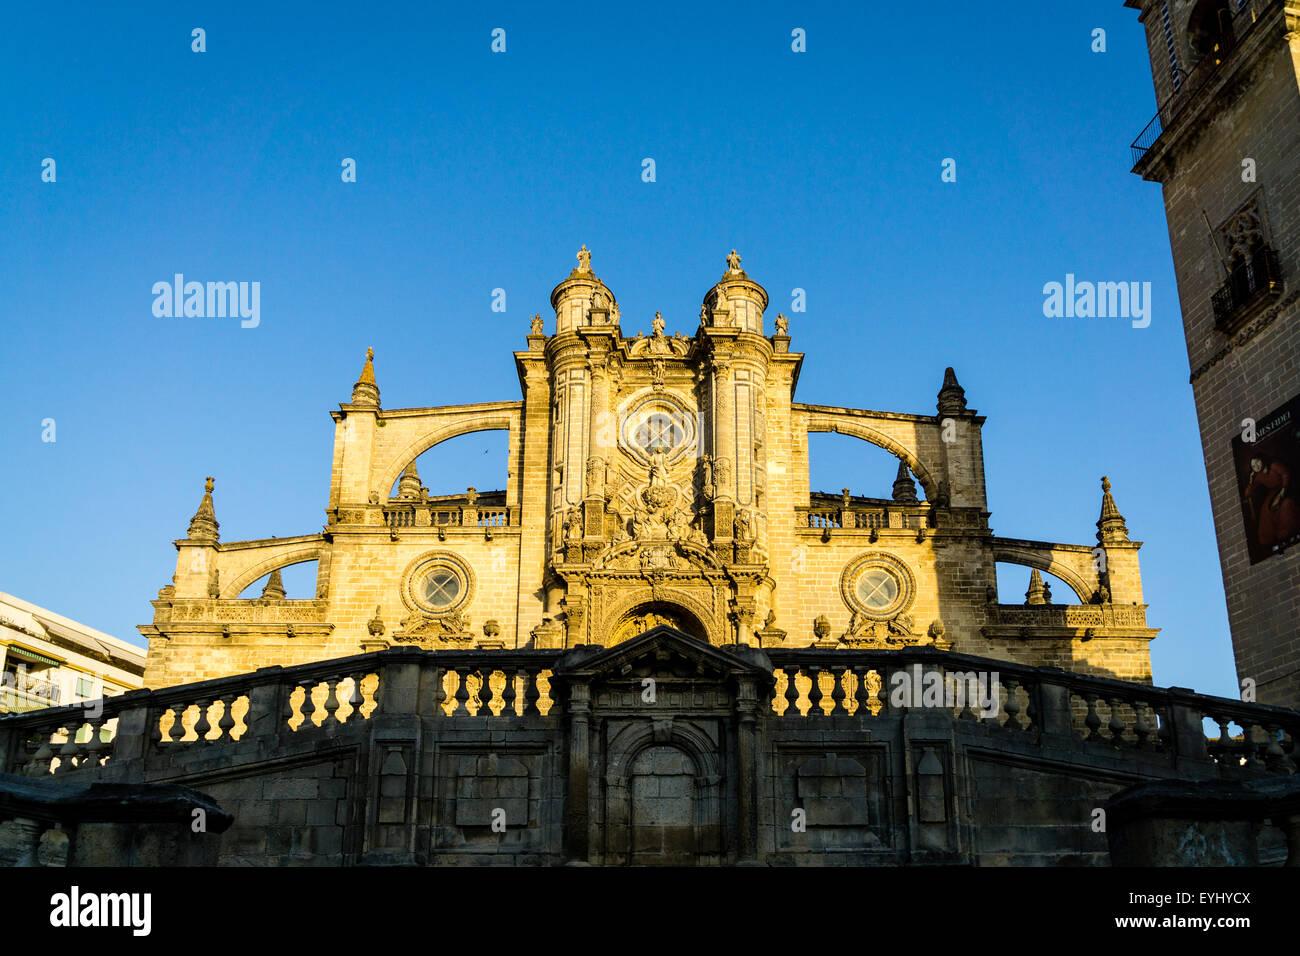 Die Kathedrale von San Salvador in Jerez De La Frontera, Spanien. In einer Mischung aus Gotik, Barock und Neo-klassizistischen Stockbild